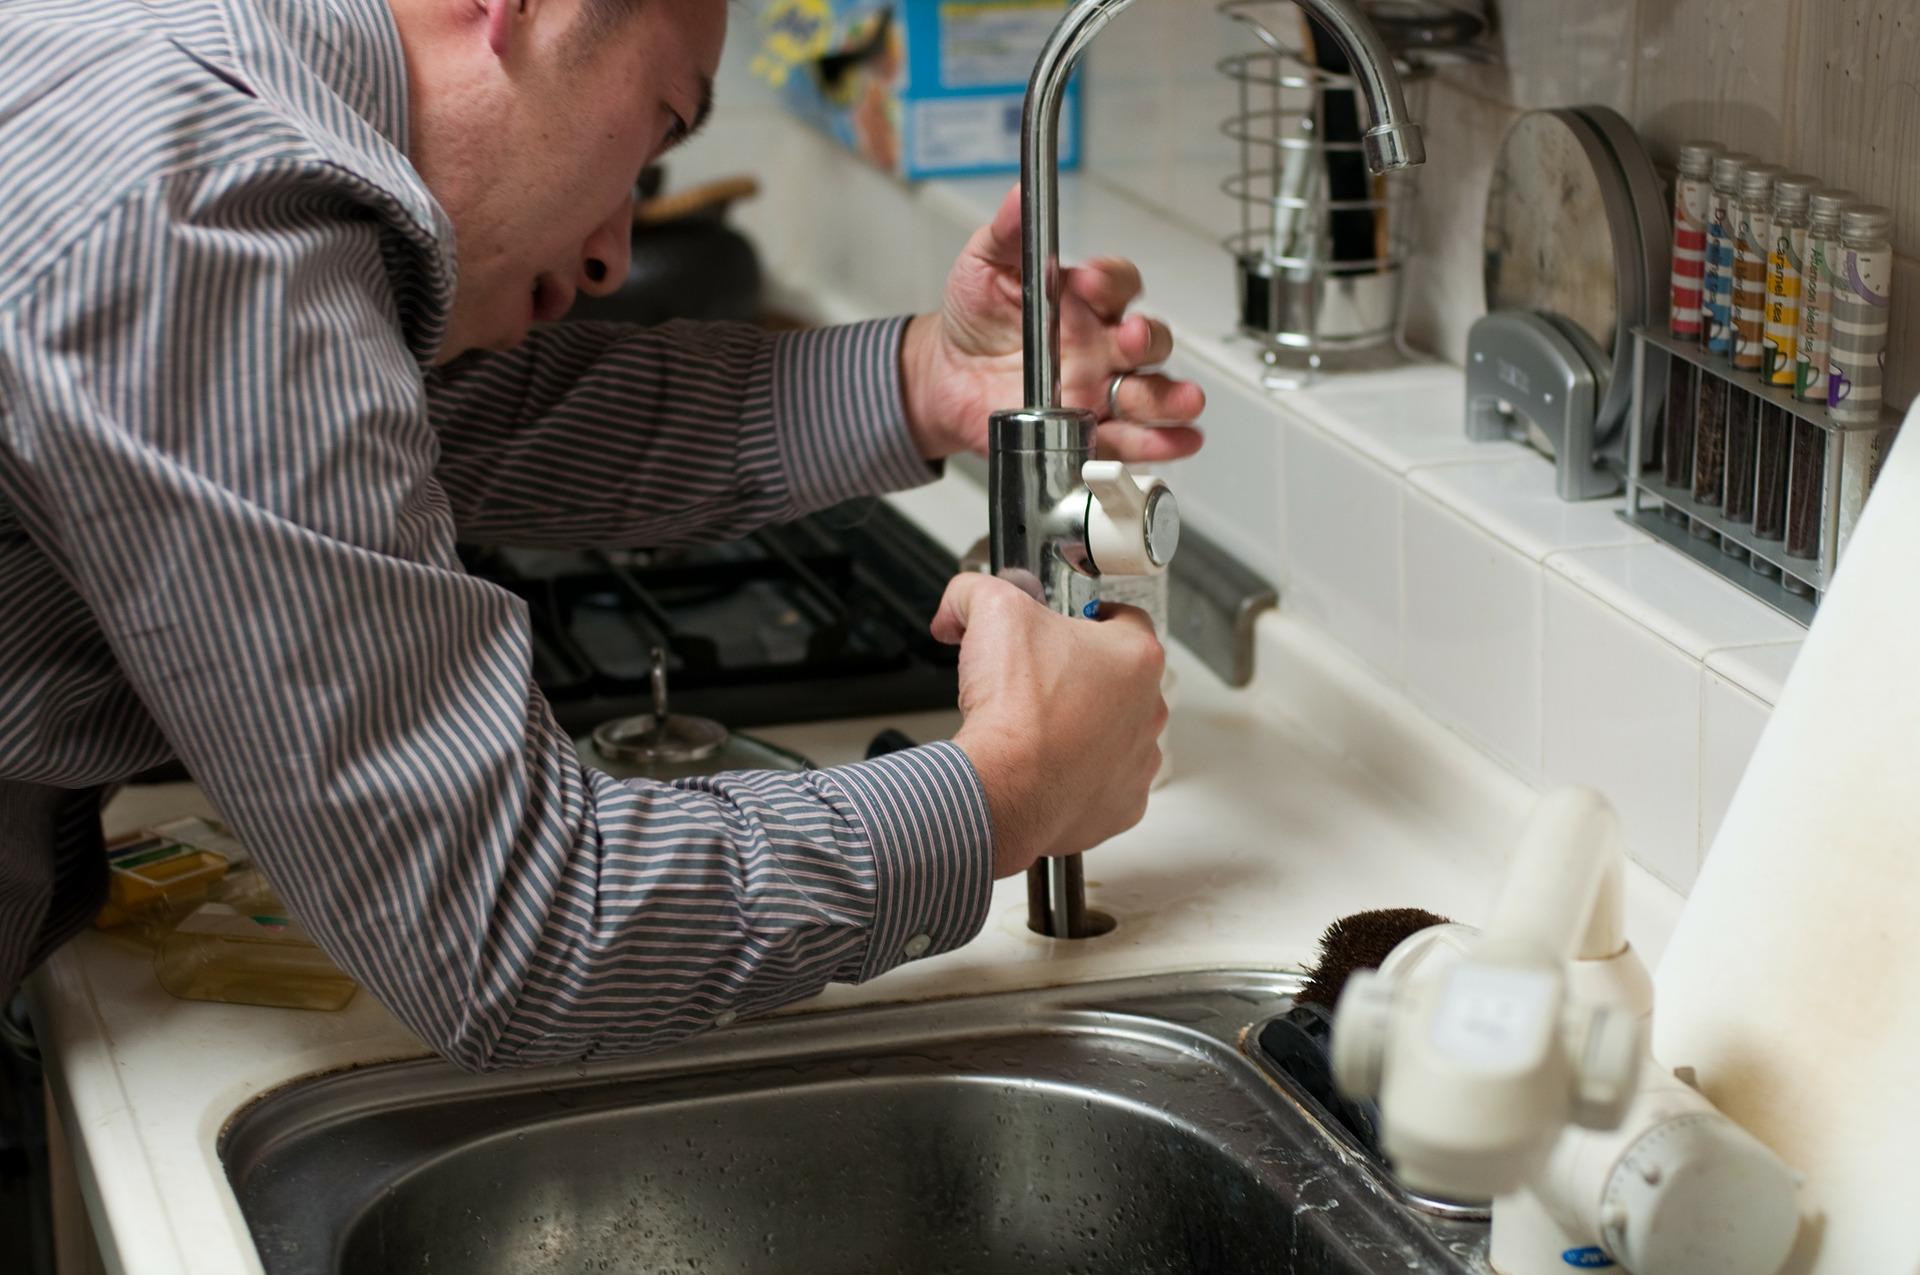 Plumbing repairman